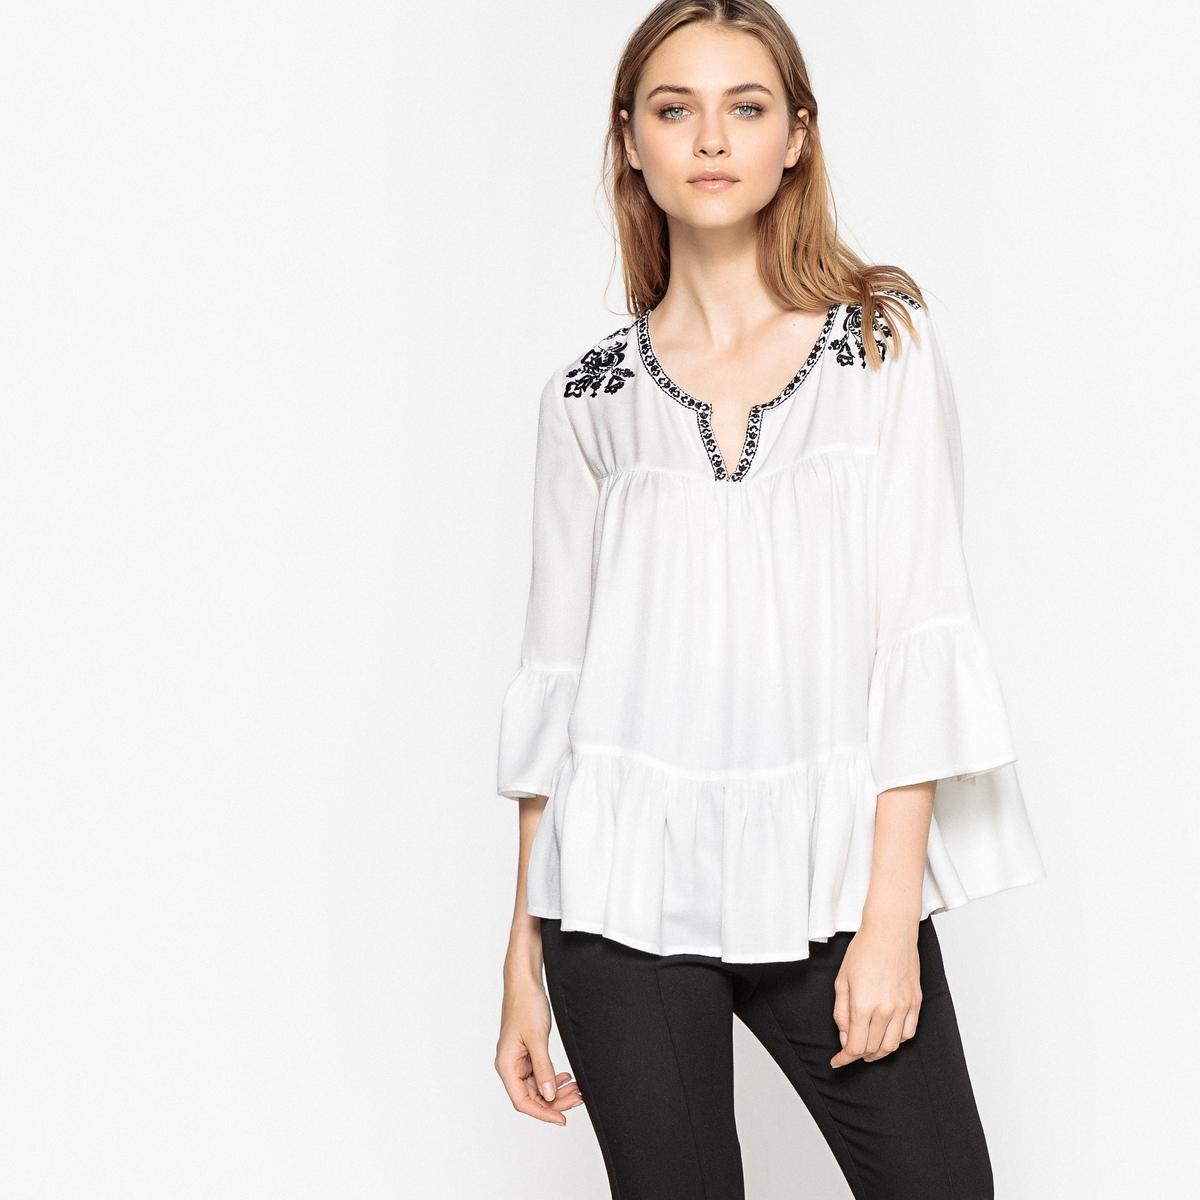 Блузка в стиле фолк с вышивкой блузка с вышивкой в этническом стиле